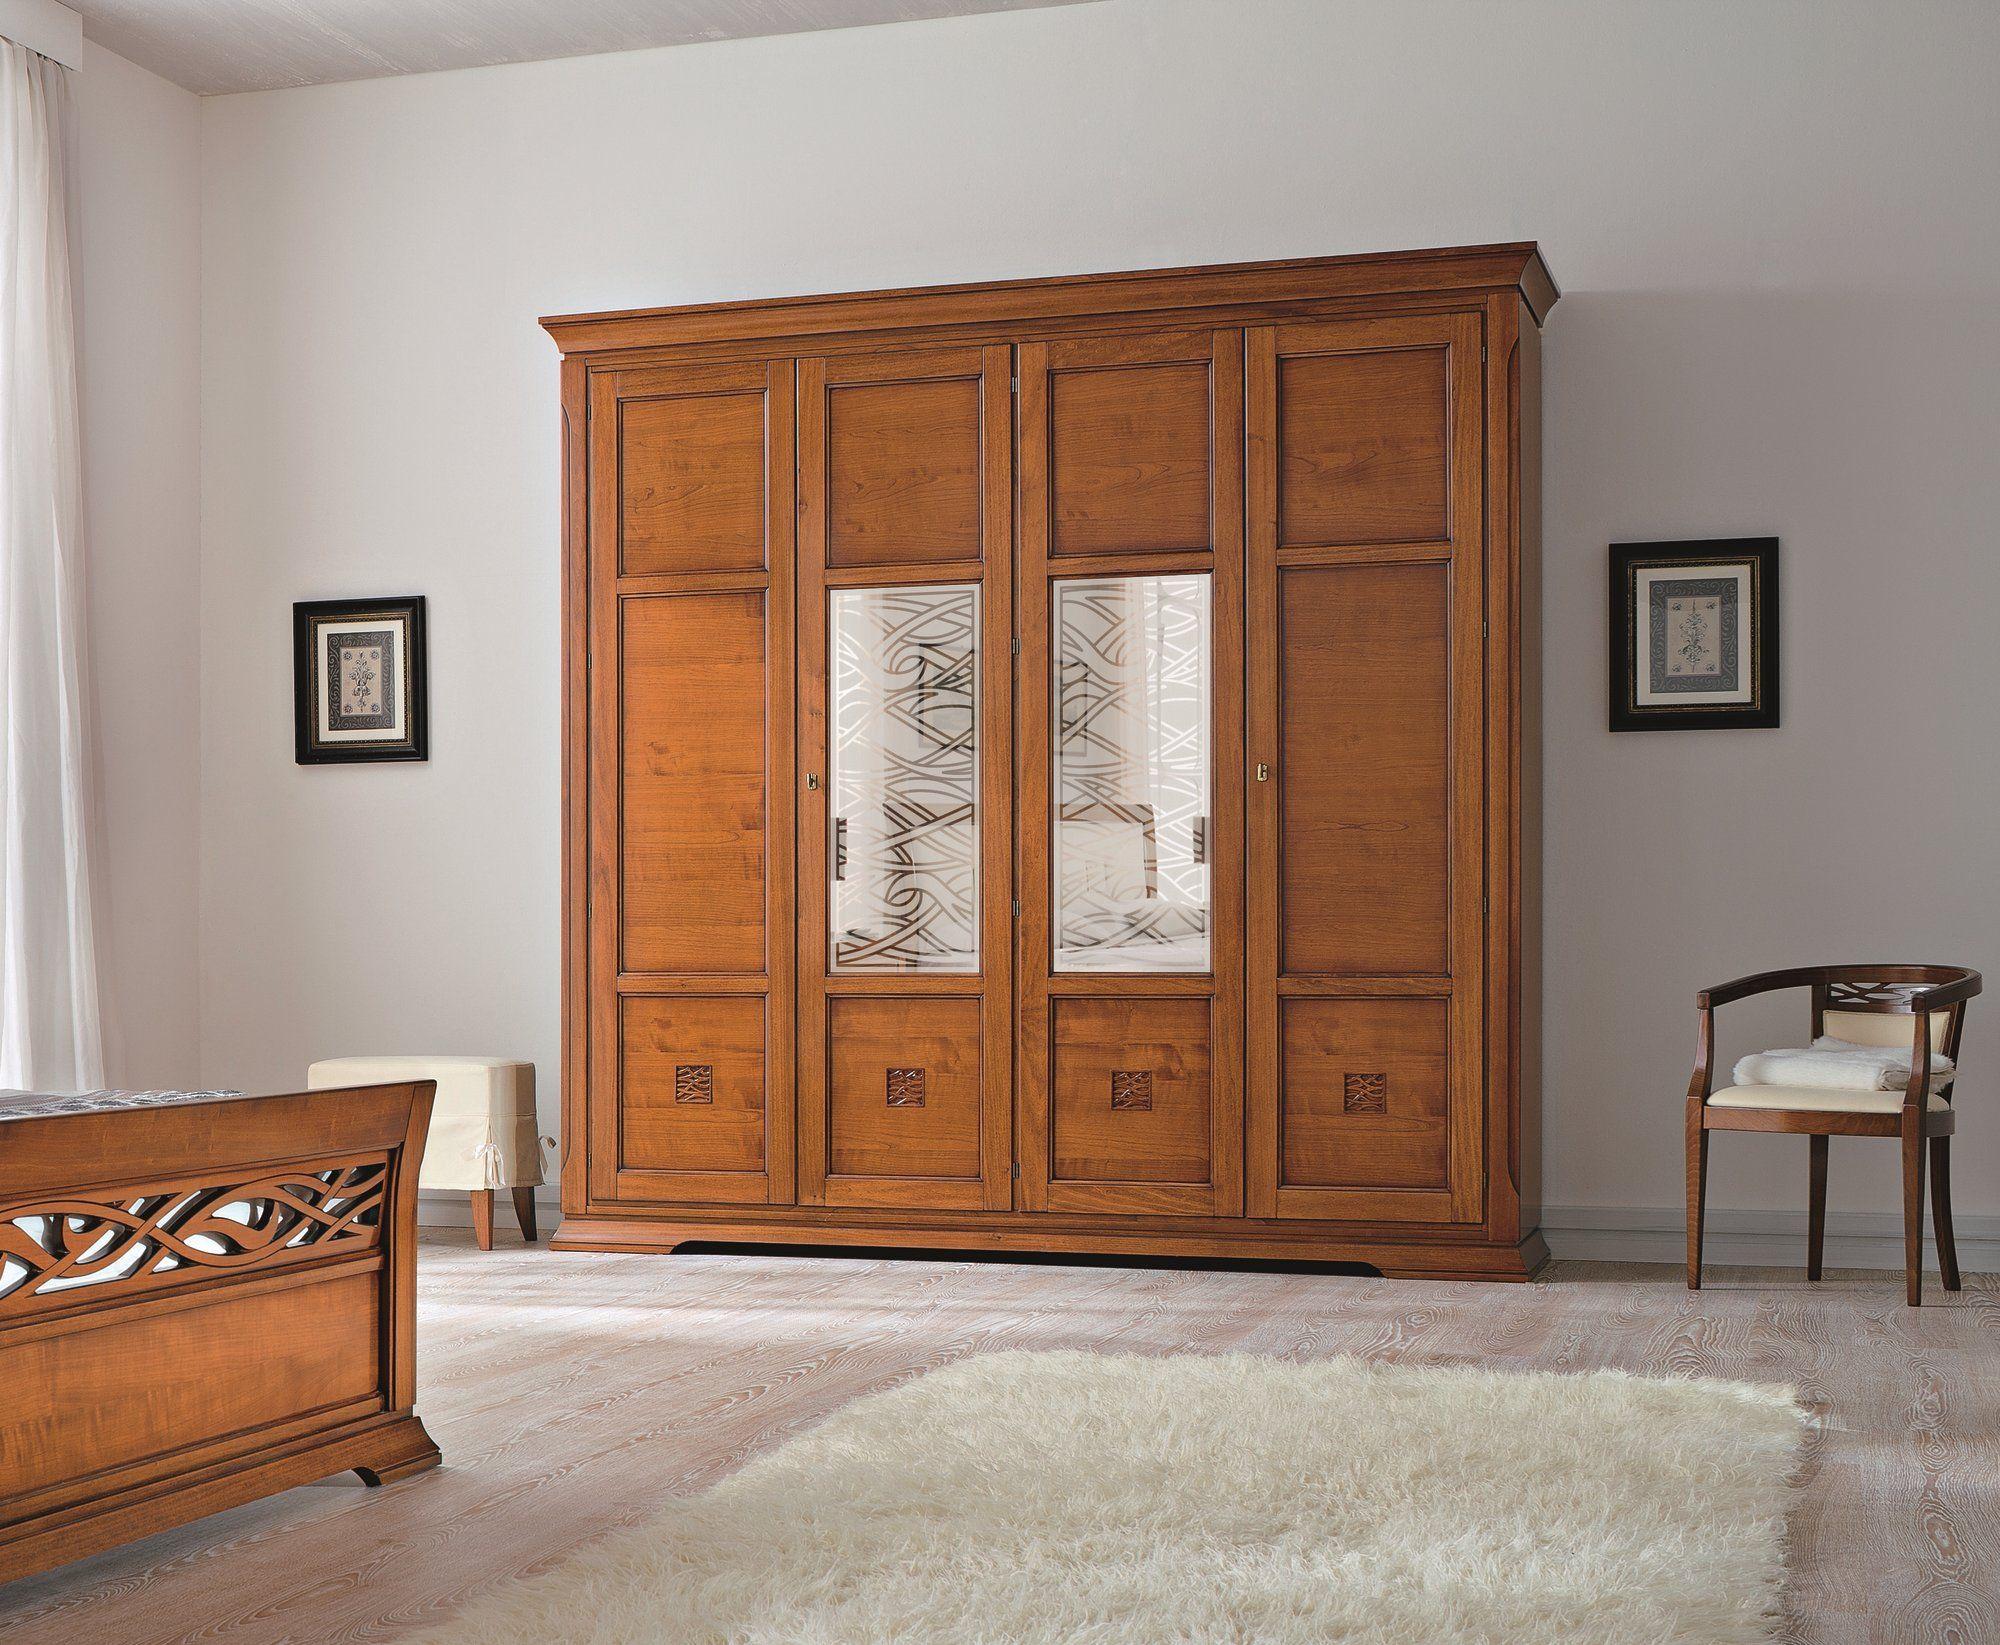 Bohemia armadio con specchio by dall agnese design gianni - Armadio ciliegio specchio ...